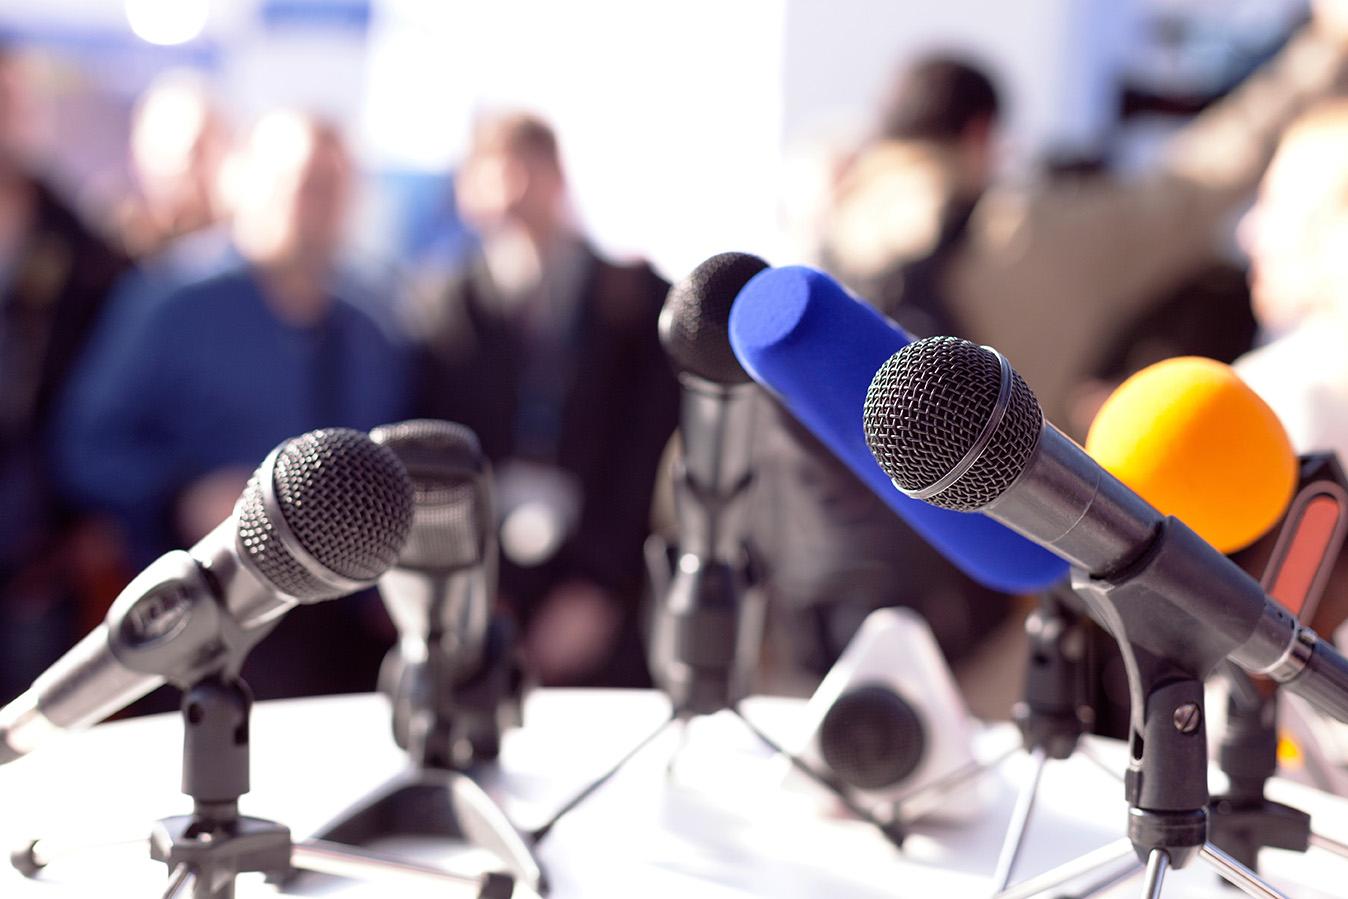 12 lutego (środa) godz. 11:00 – Konferencja prasowa – Pomoc zranionym w Kościele